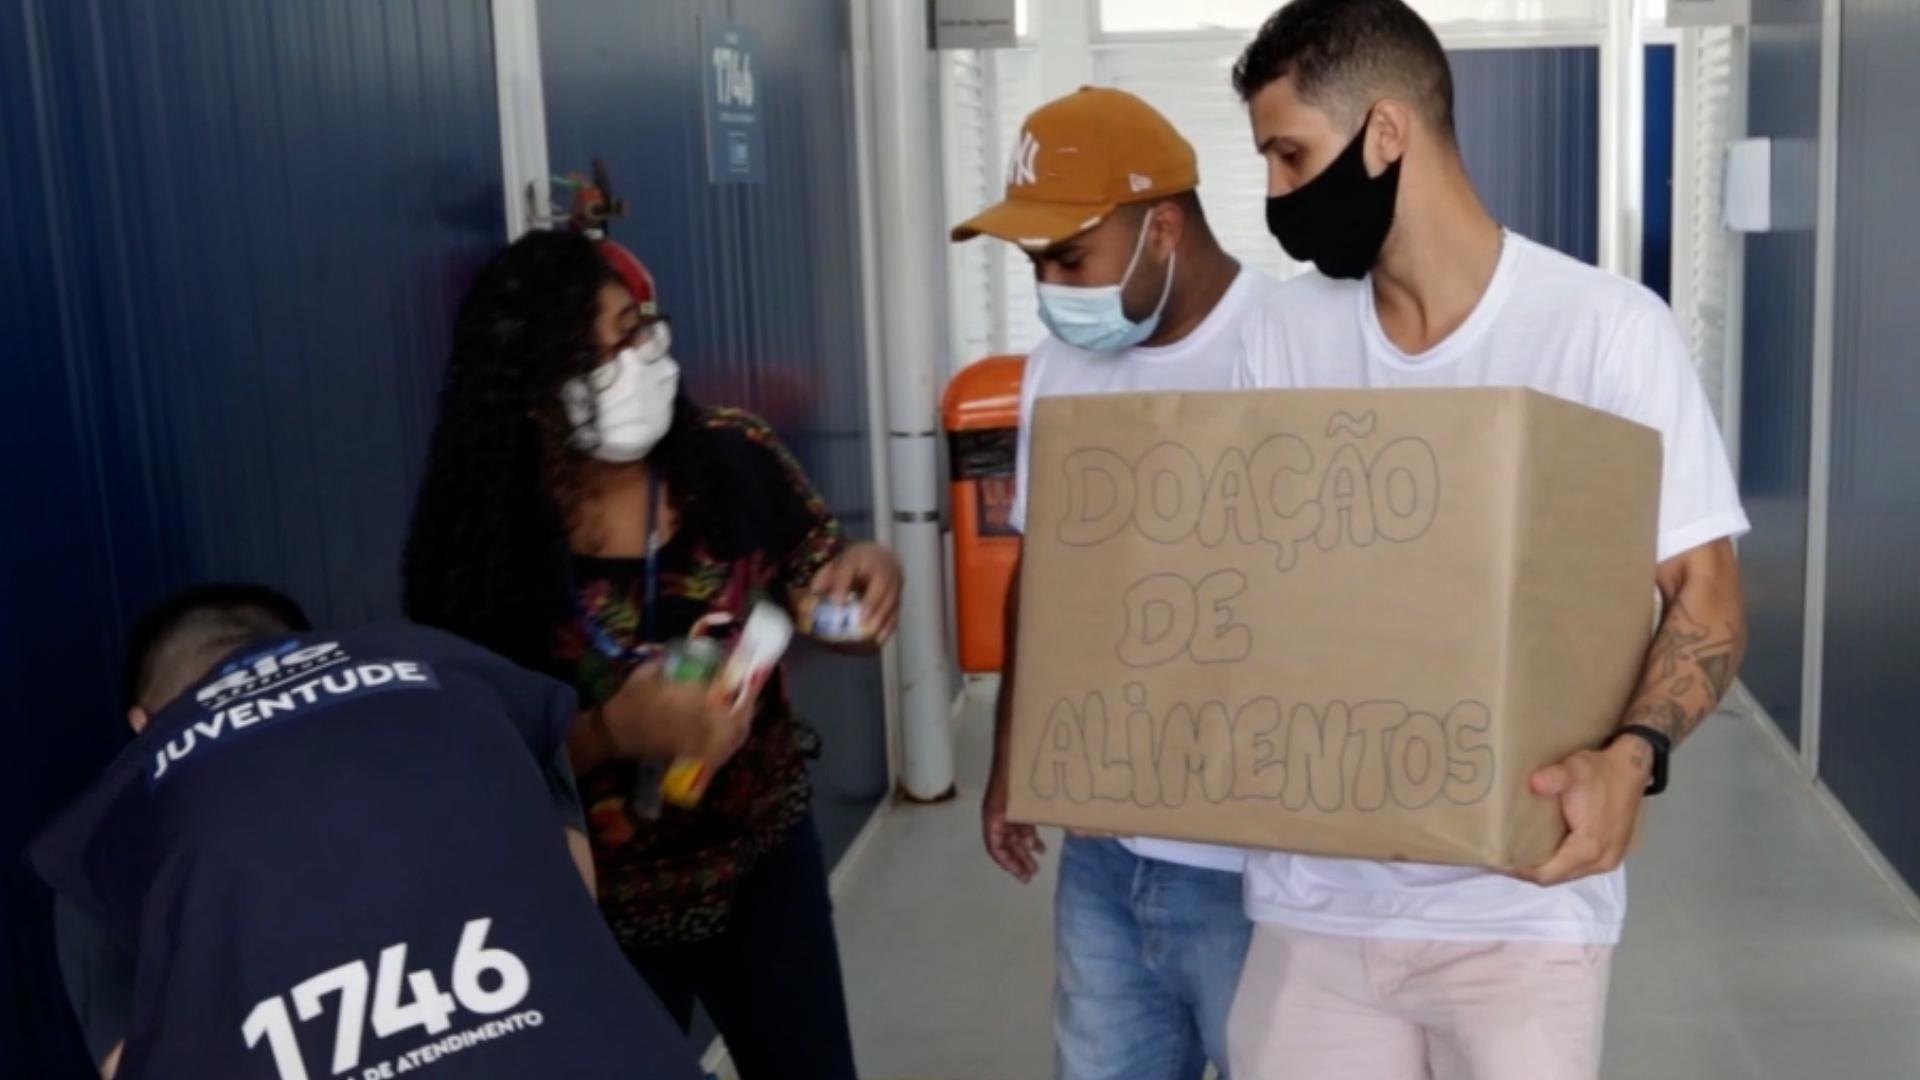 VÍDEO: Secretaria da Juventude faz campanha e arrecada alimentos para coletivos de favelas